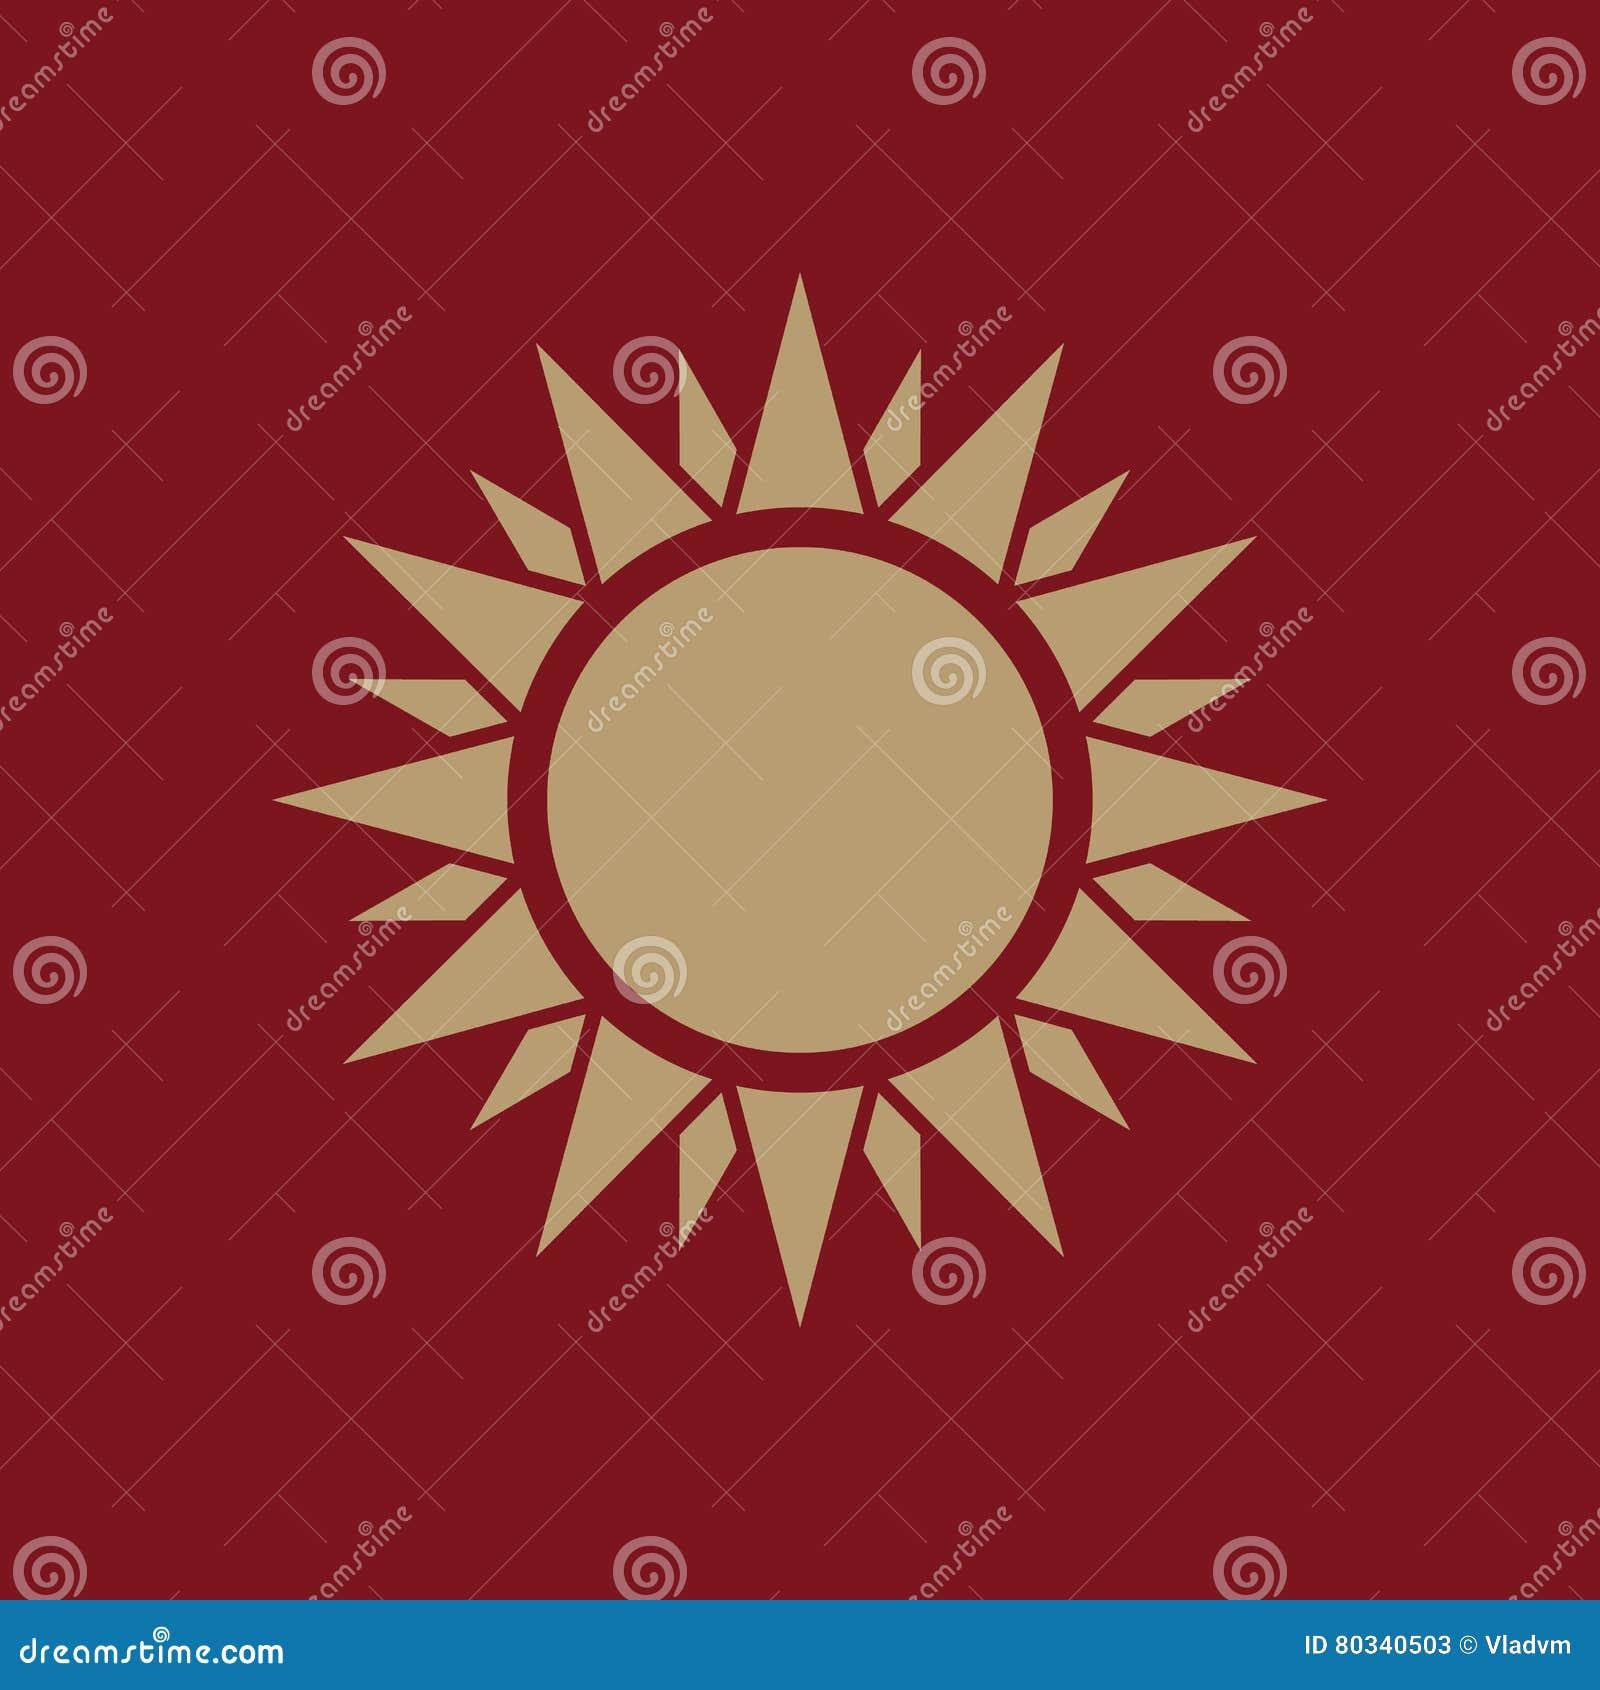 The Sunshine Icon  Sunrise And Sunshine, Weather, Sun Symbol